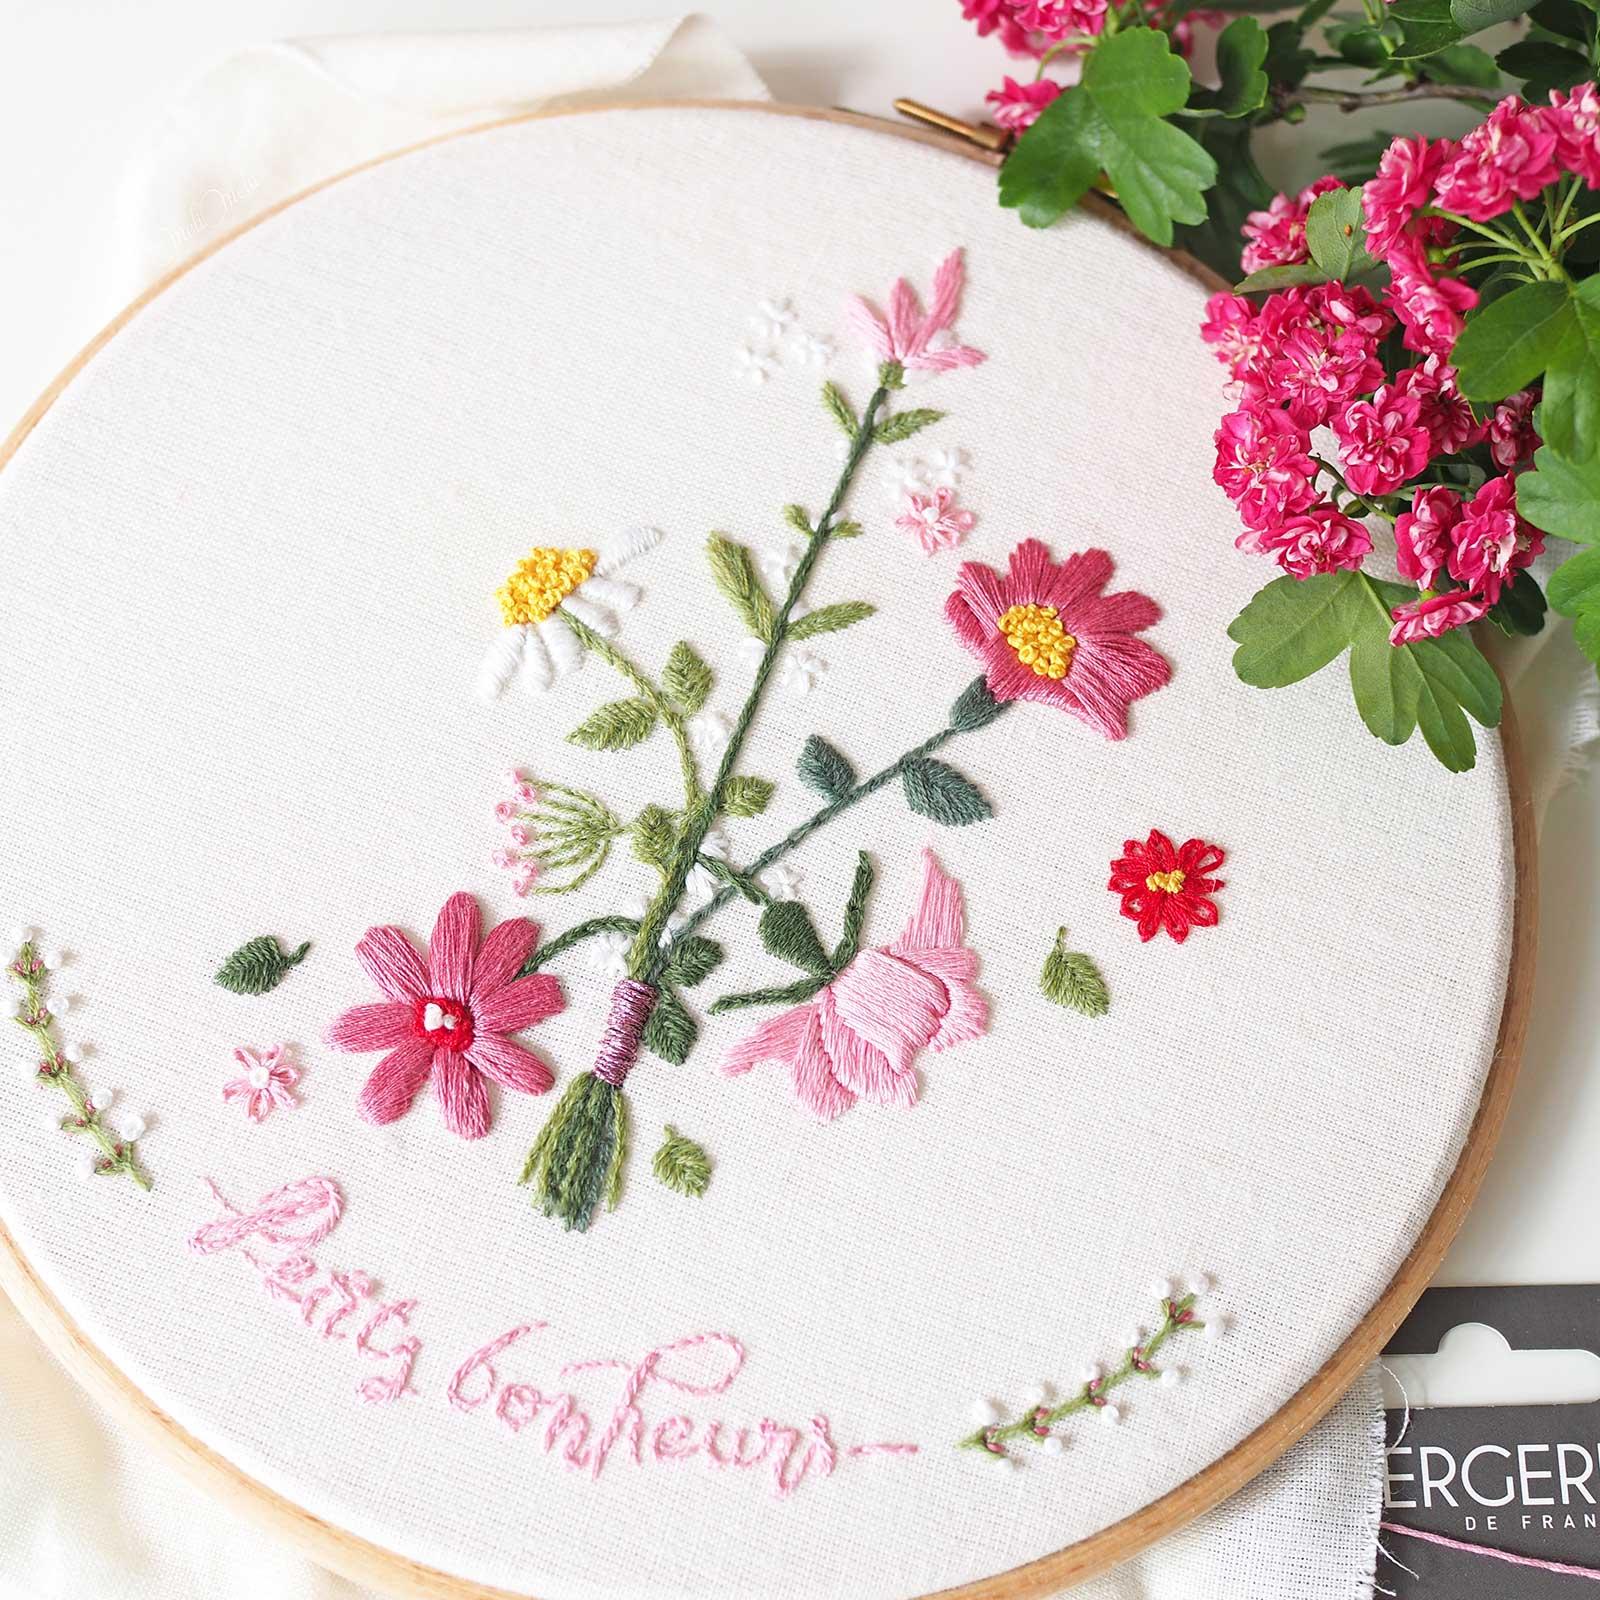 broderie-bouquet-fleurs-coton-bergere-france-laboutiquedemelimelo